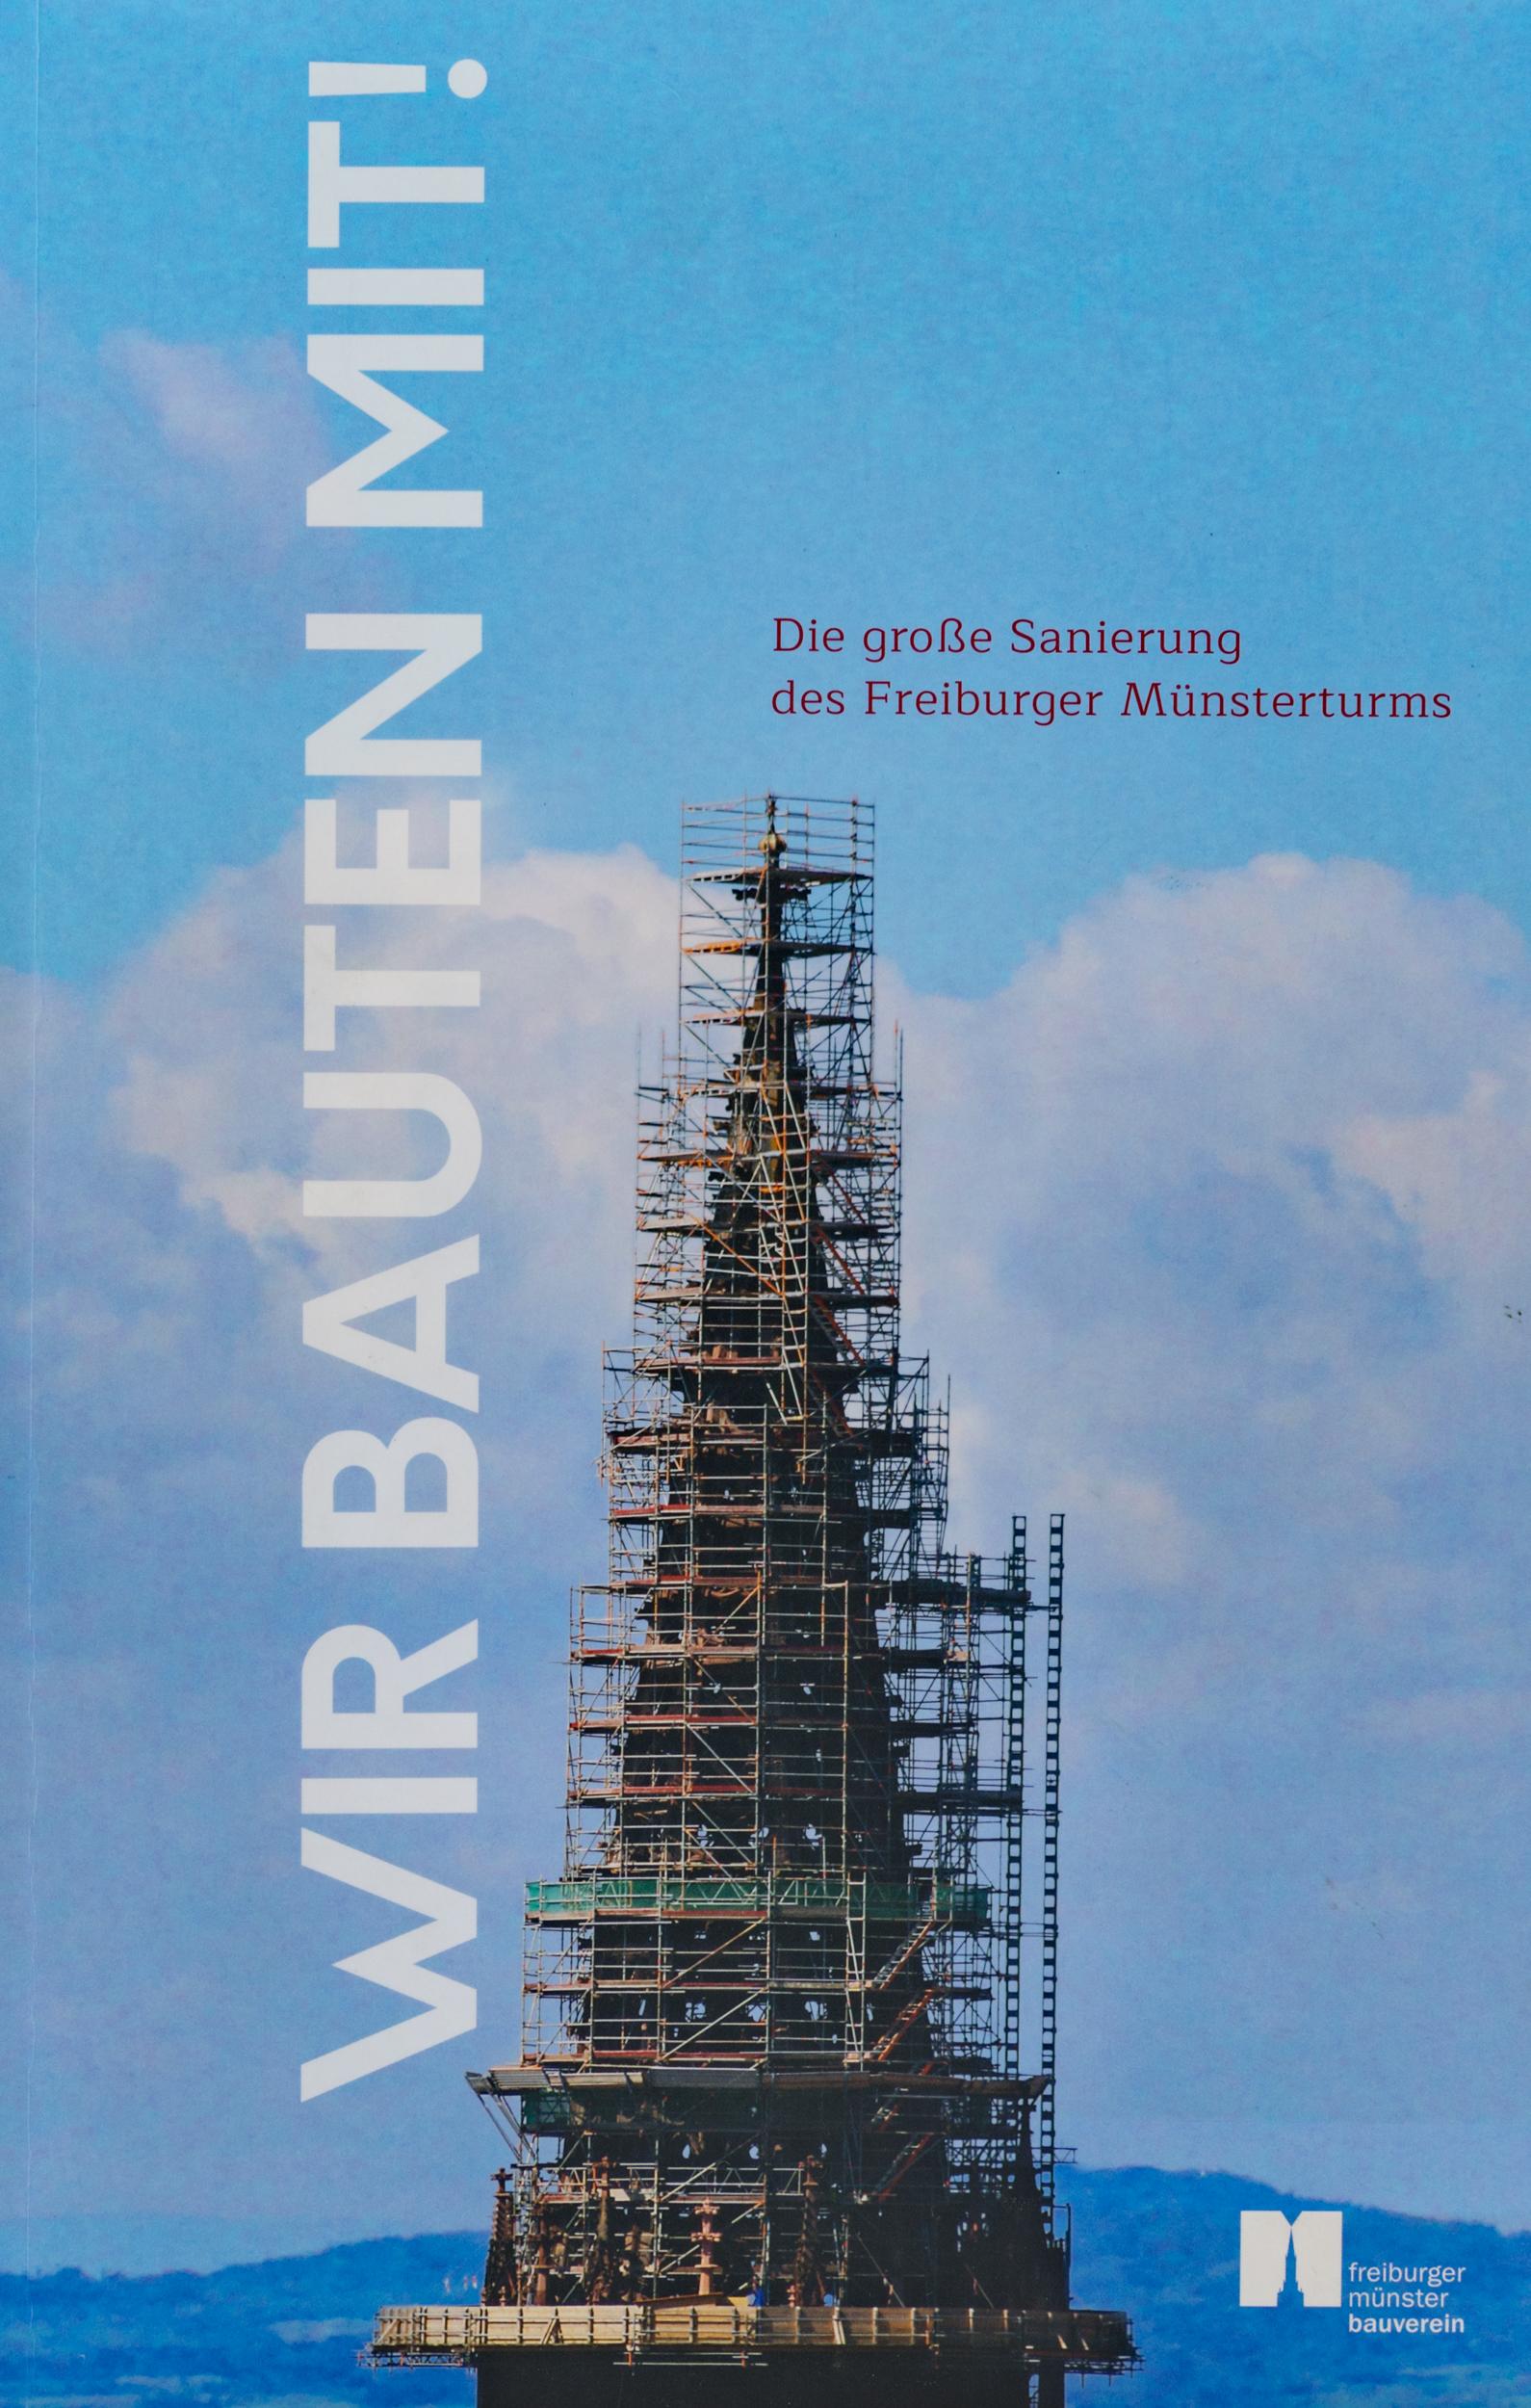 Münsterladen Freiburg Buch Geschenk Wir bauten mit Sanierung des Freiburger Münsters